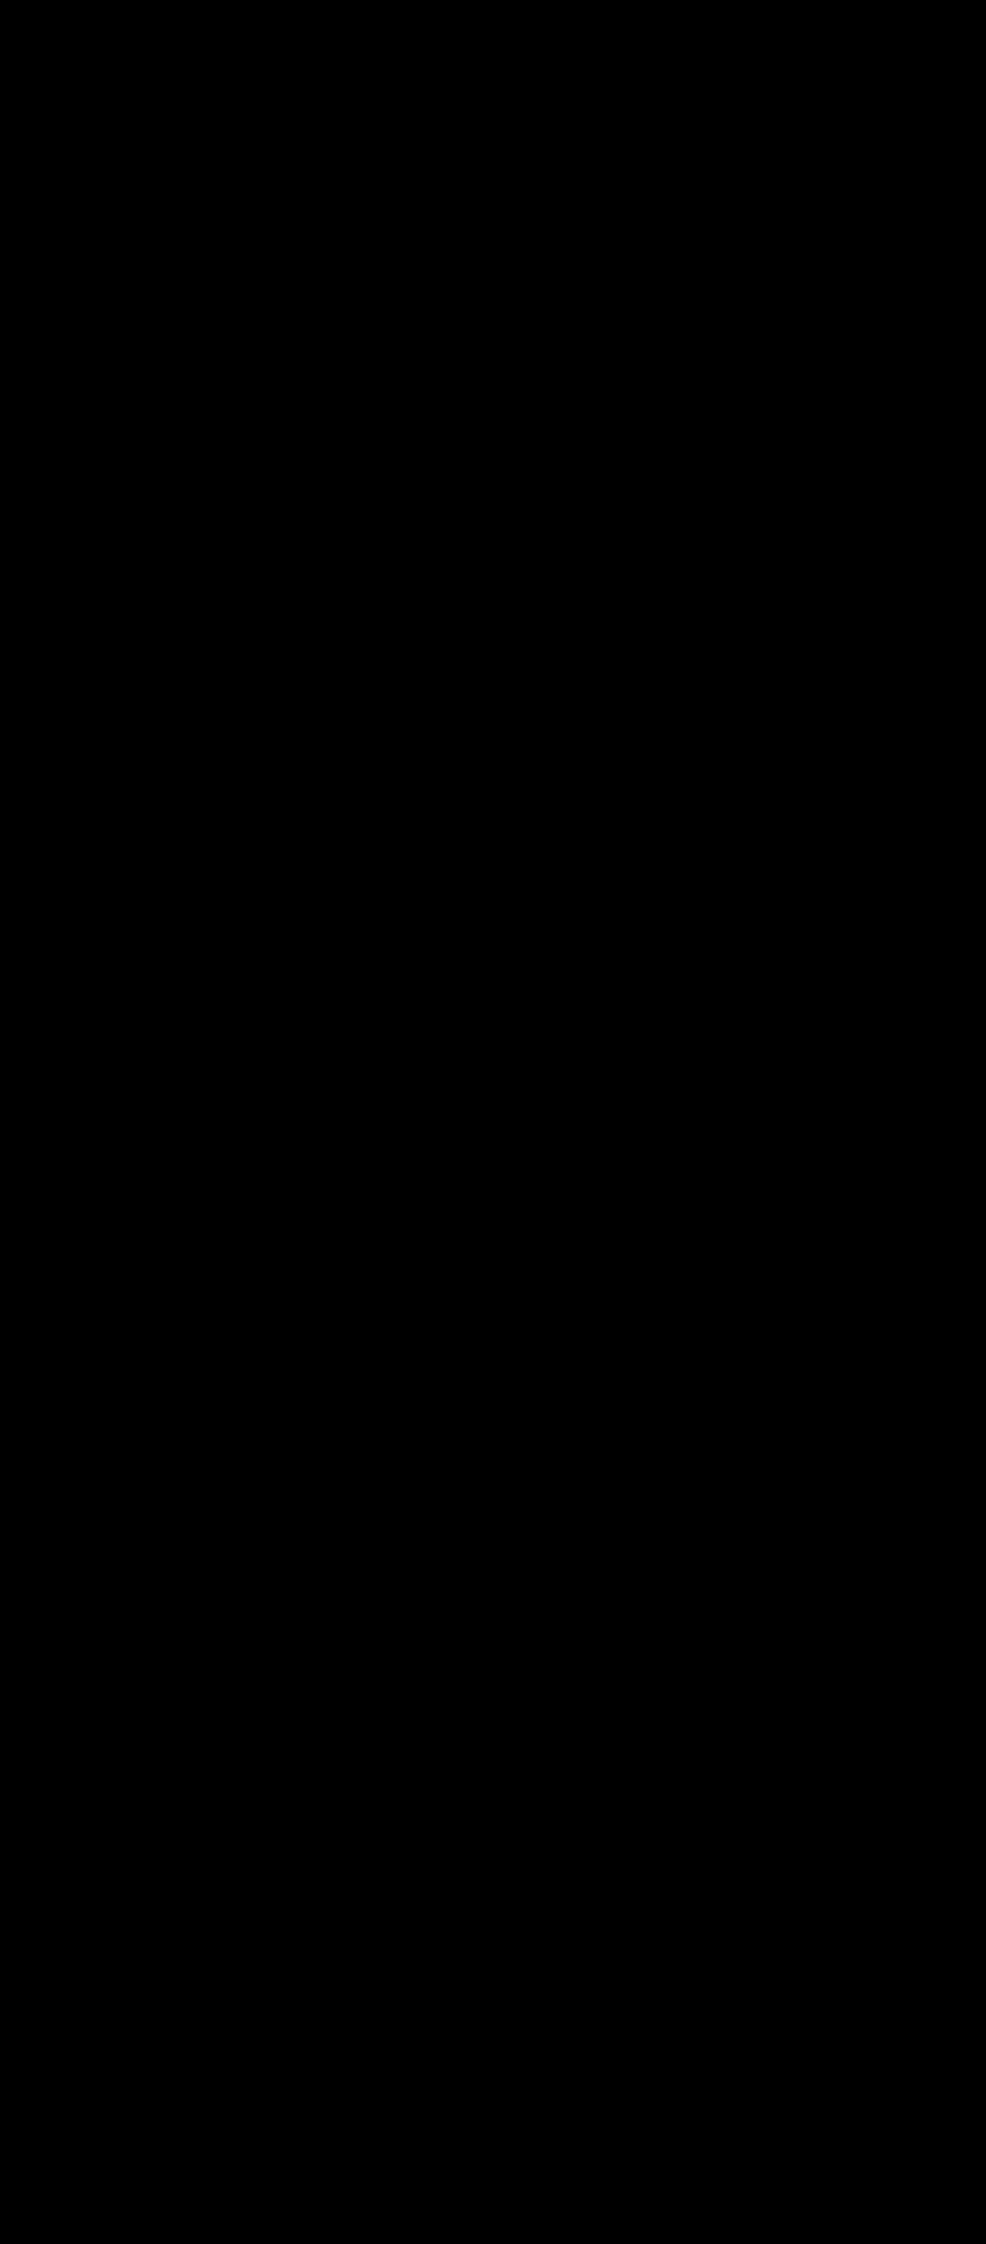 Male Symbol Clipart.